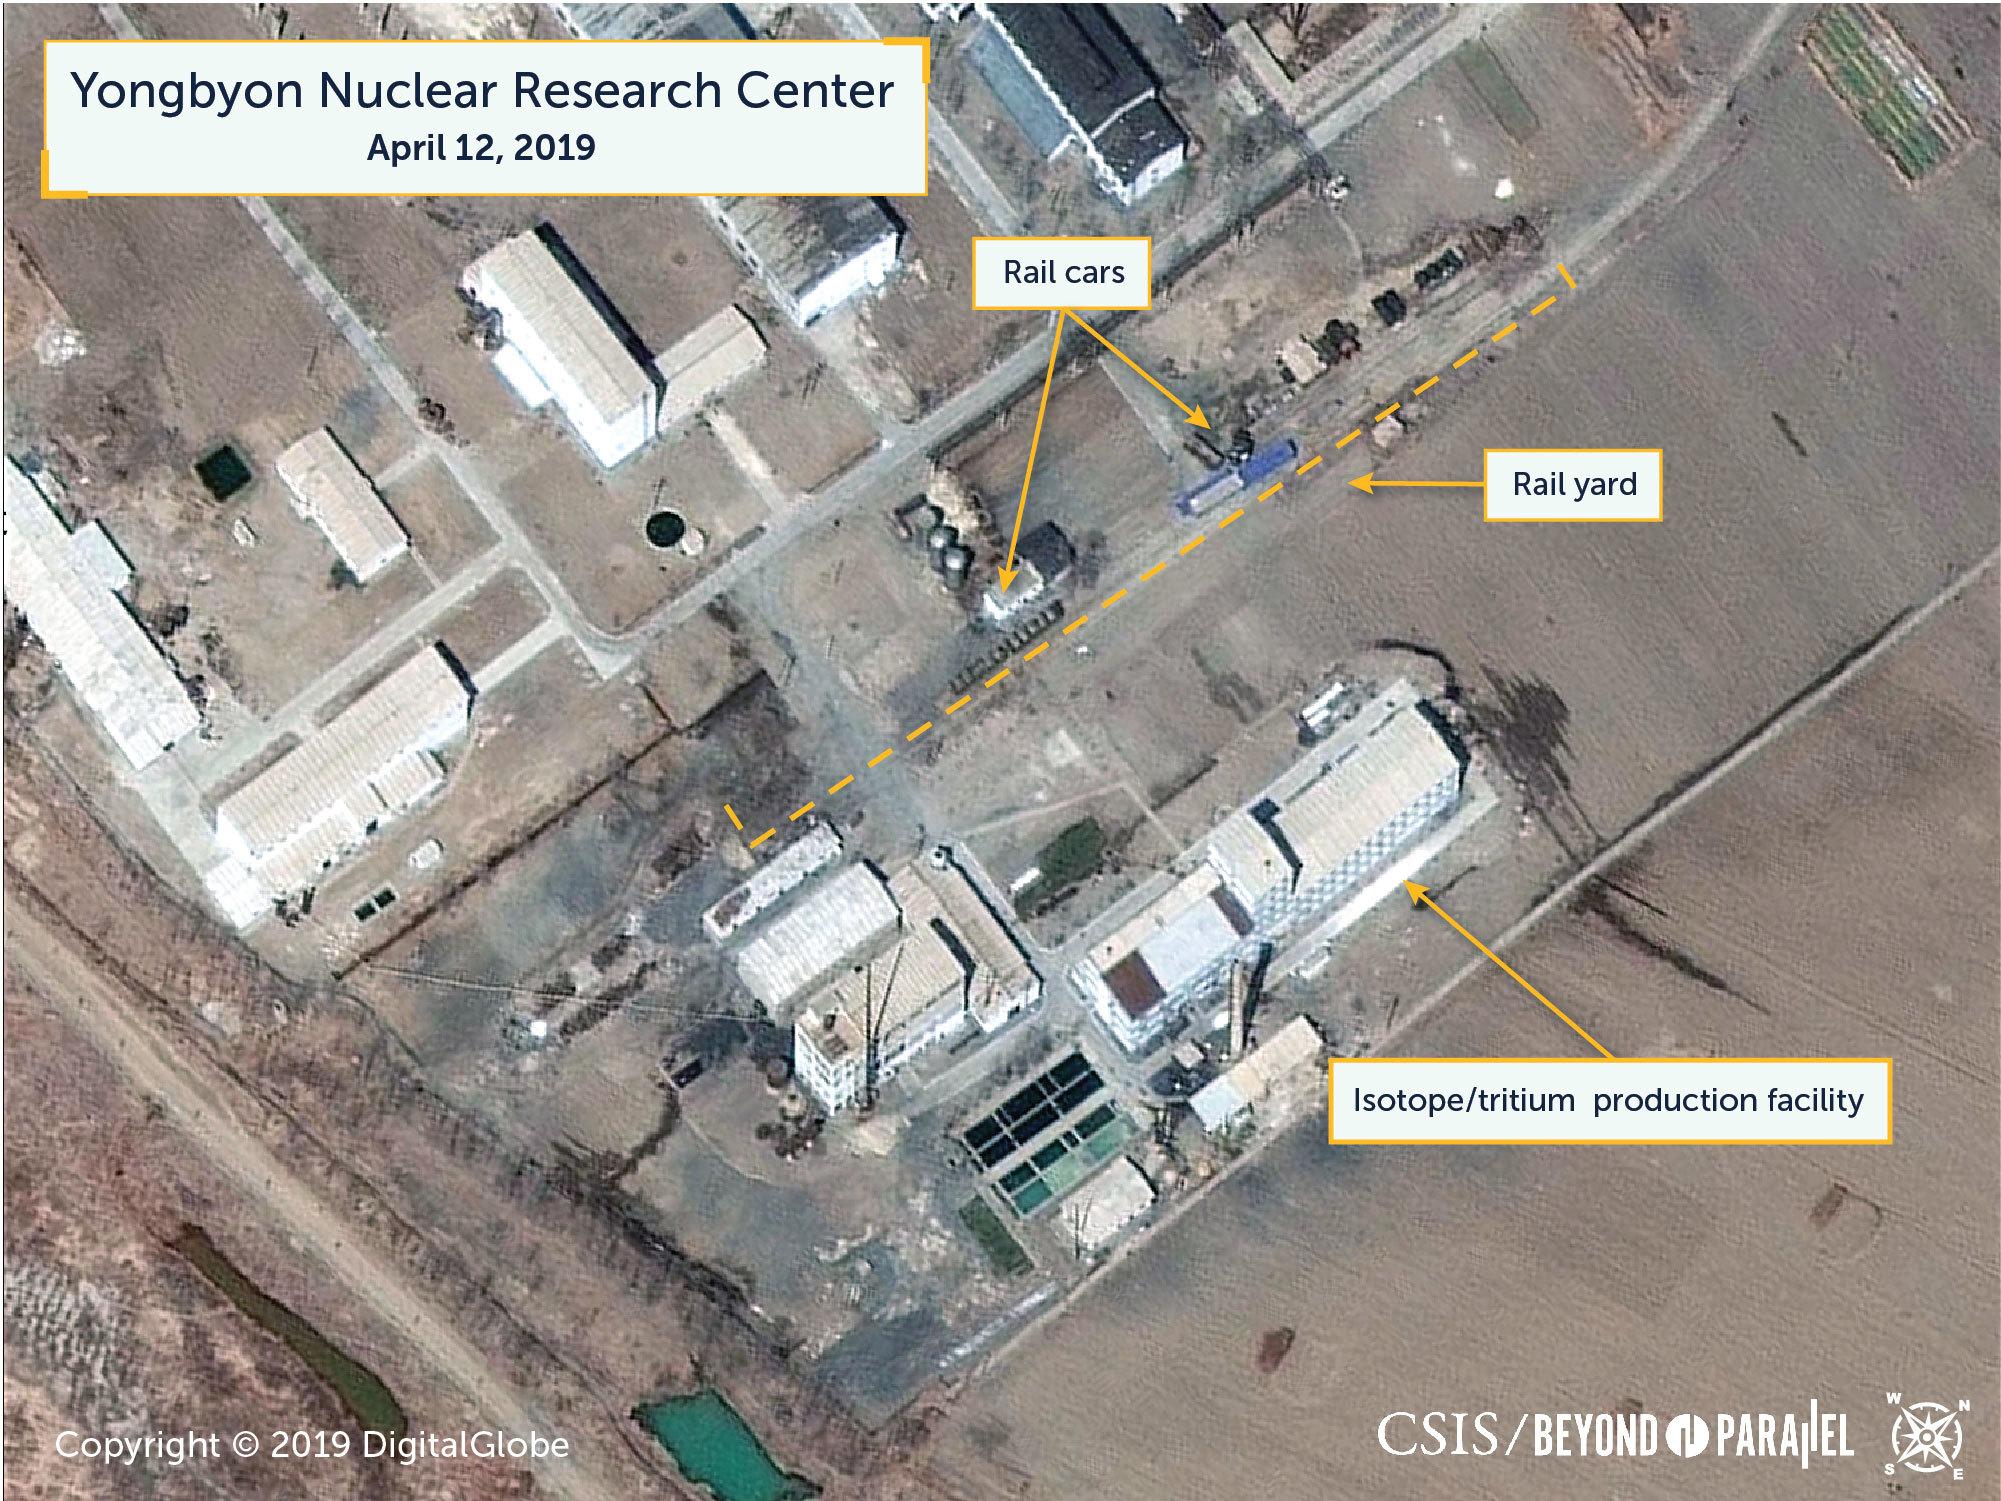 特殊な鉄道車両が写った寧辺核施設の衛星写真/CSIS